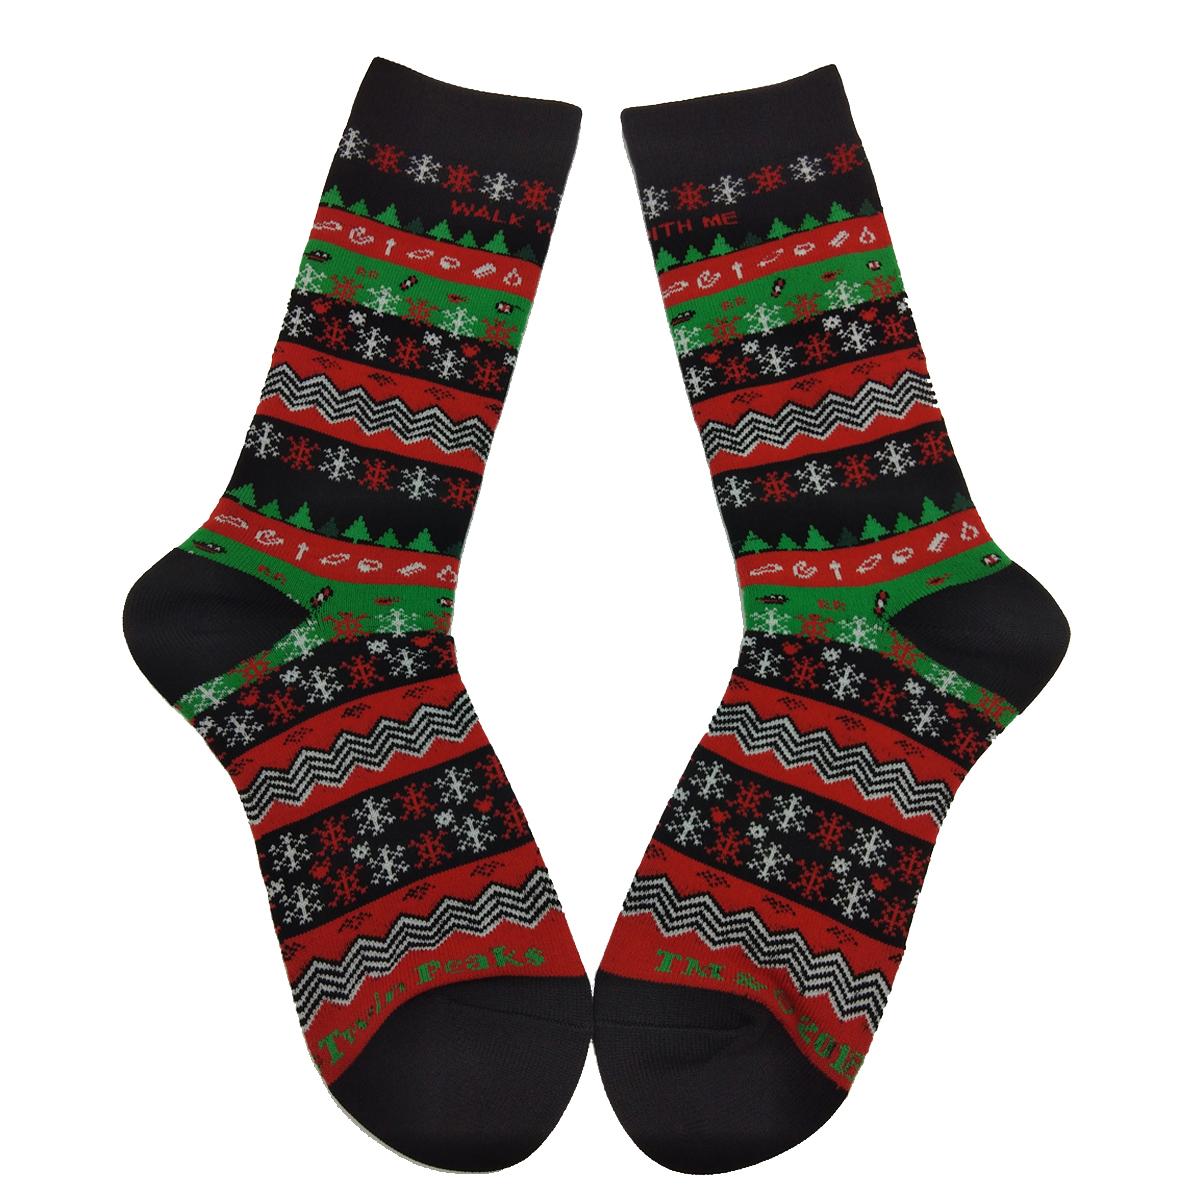 Twin Peaks Fire Walk With Me Knit Socks